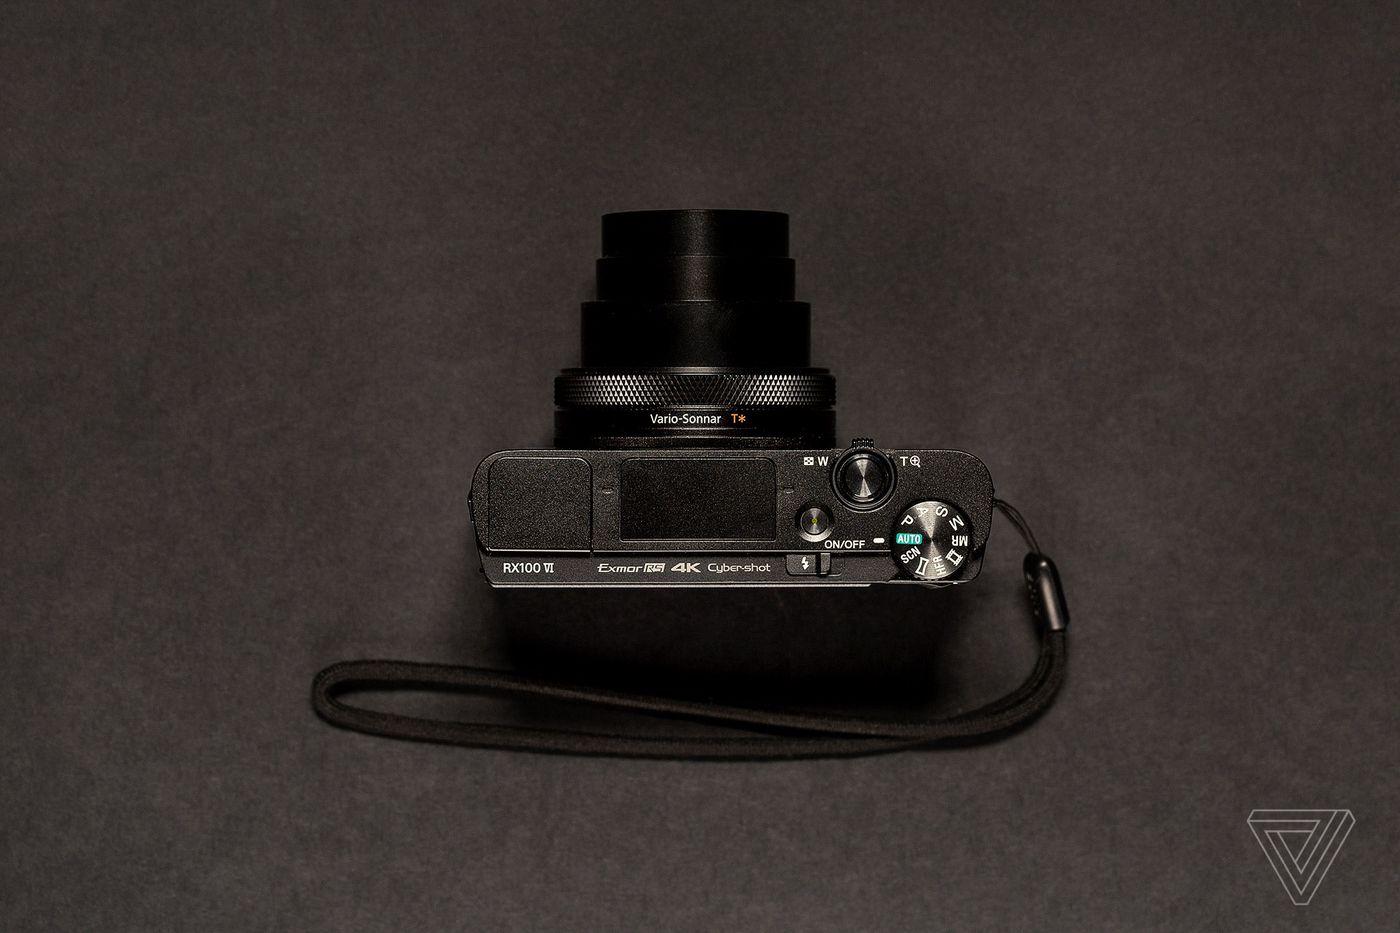 Sony RX100 VI review: a tiny powerhouse - The Verge